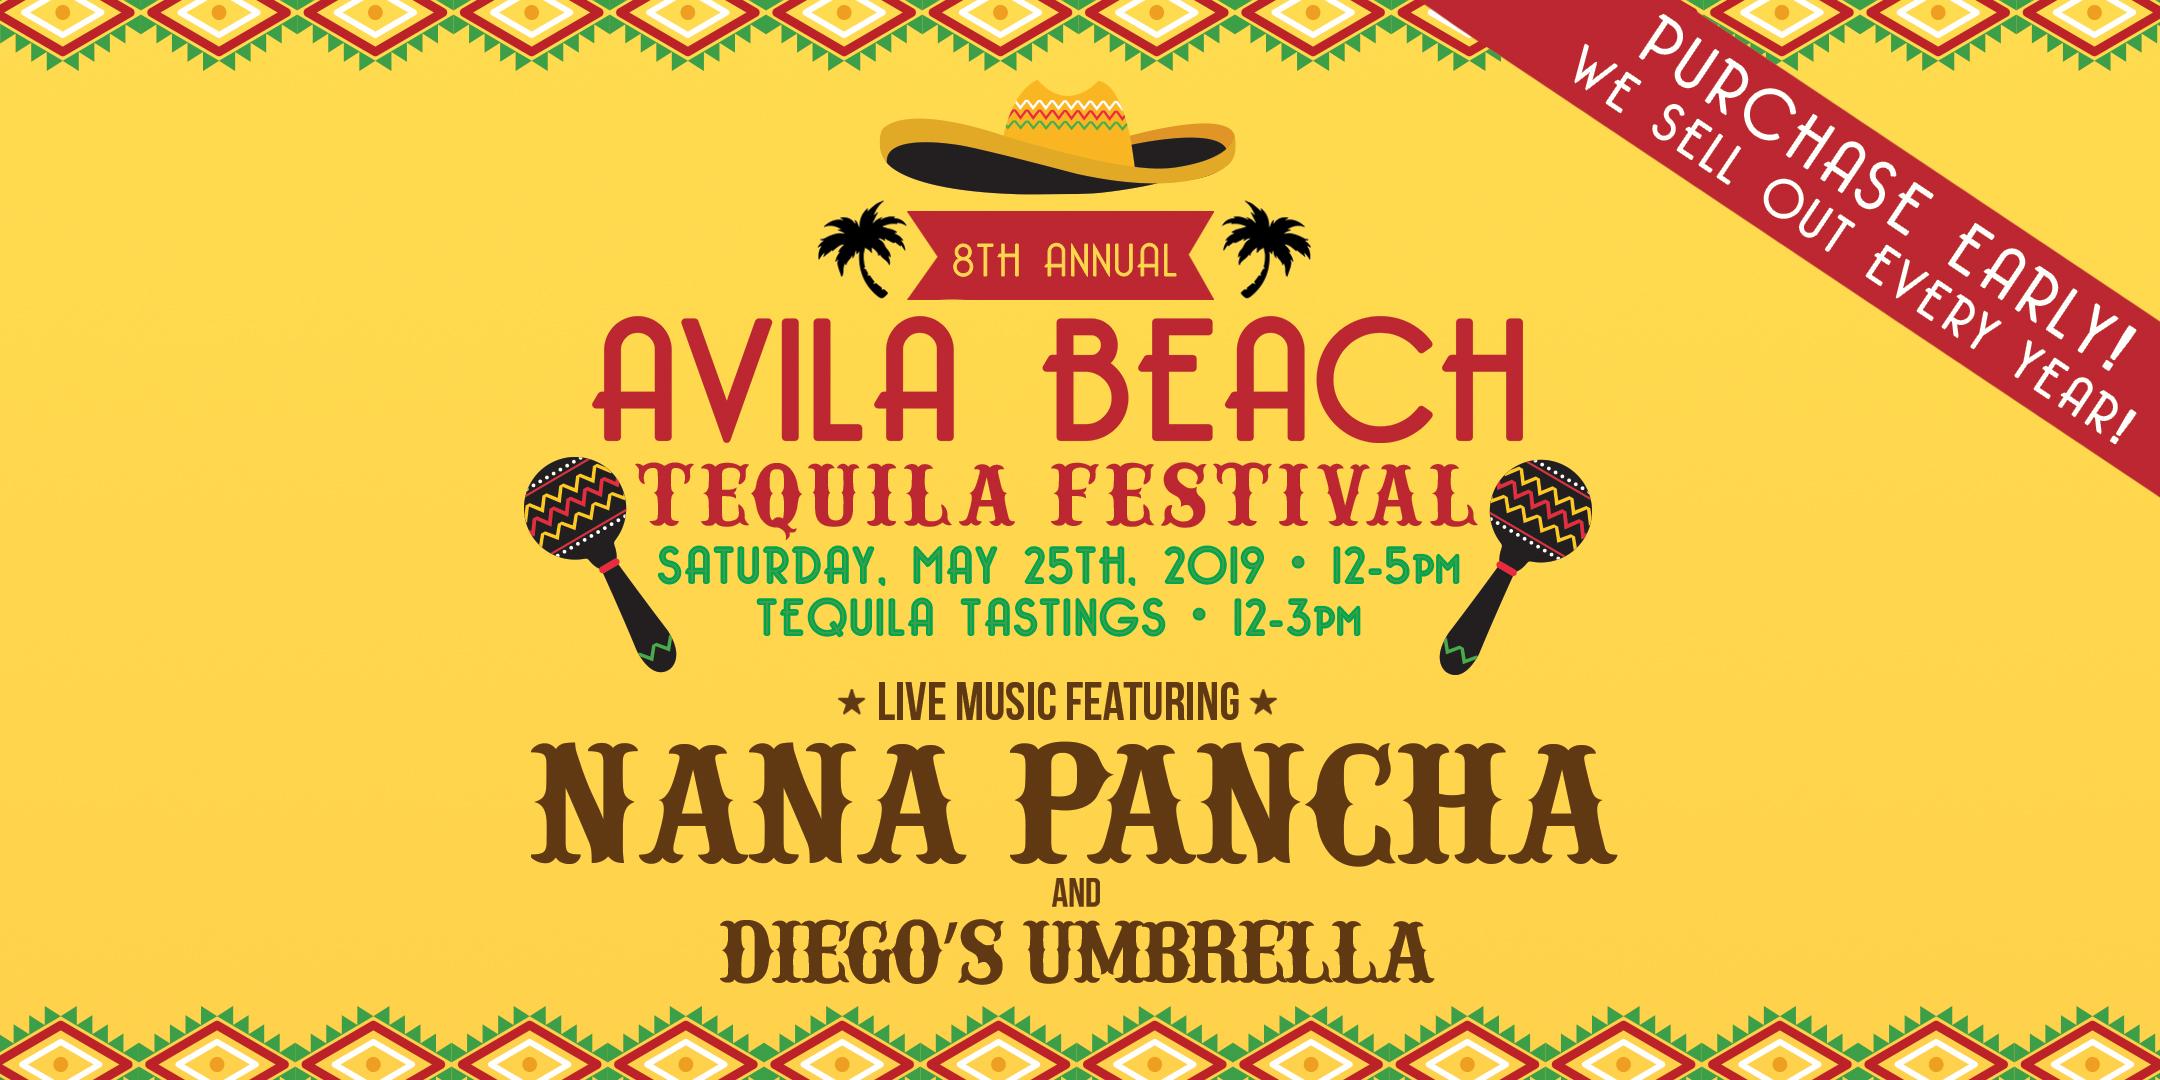 5.25.19 Tequila Fest_Banner_ABTF_2019_banner.jpg